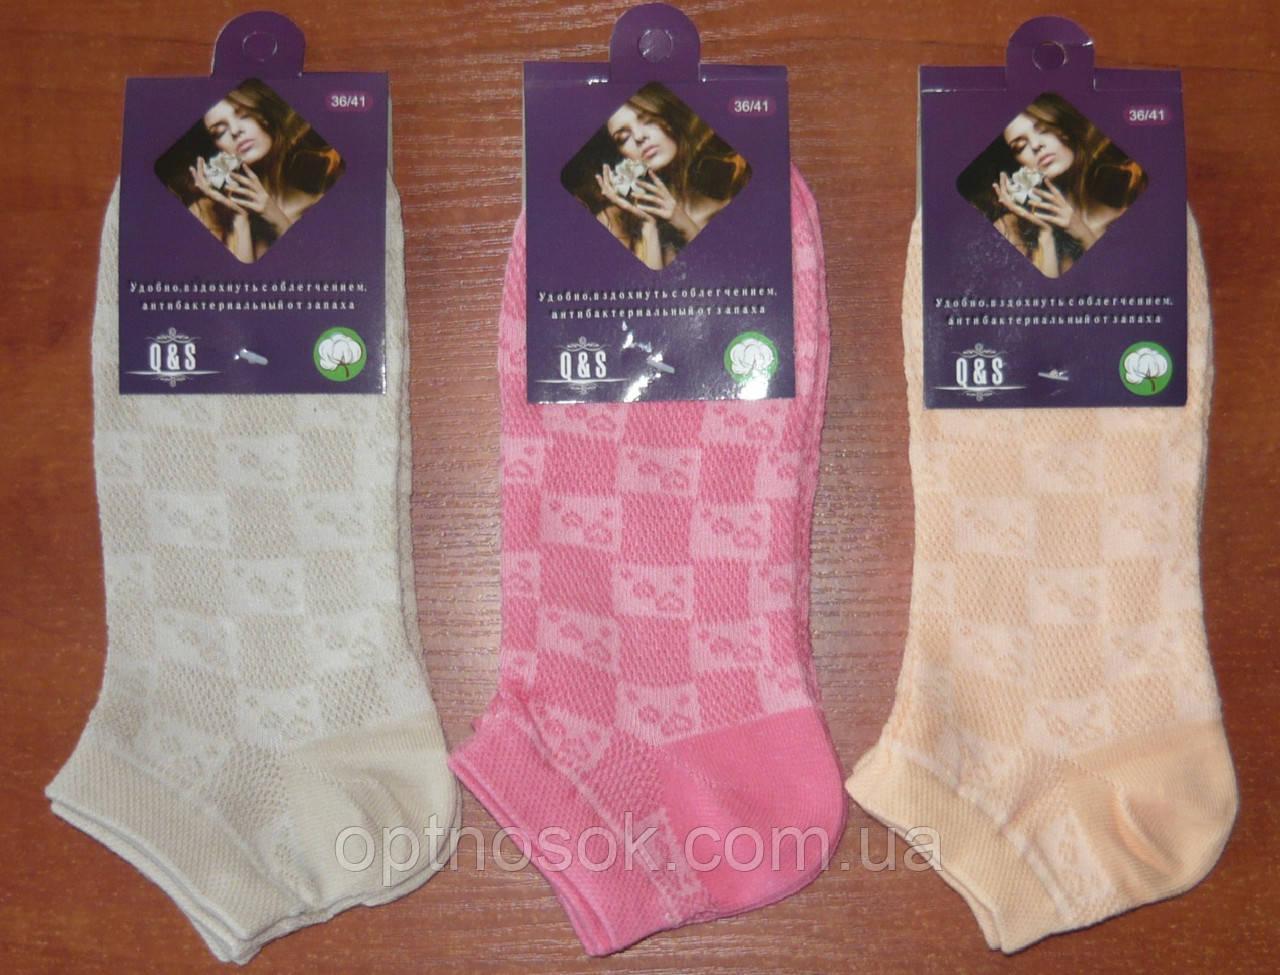 Сетка. Женские носки. Короткие. р. 36-41